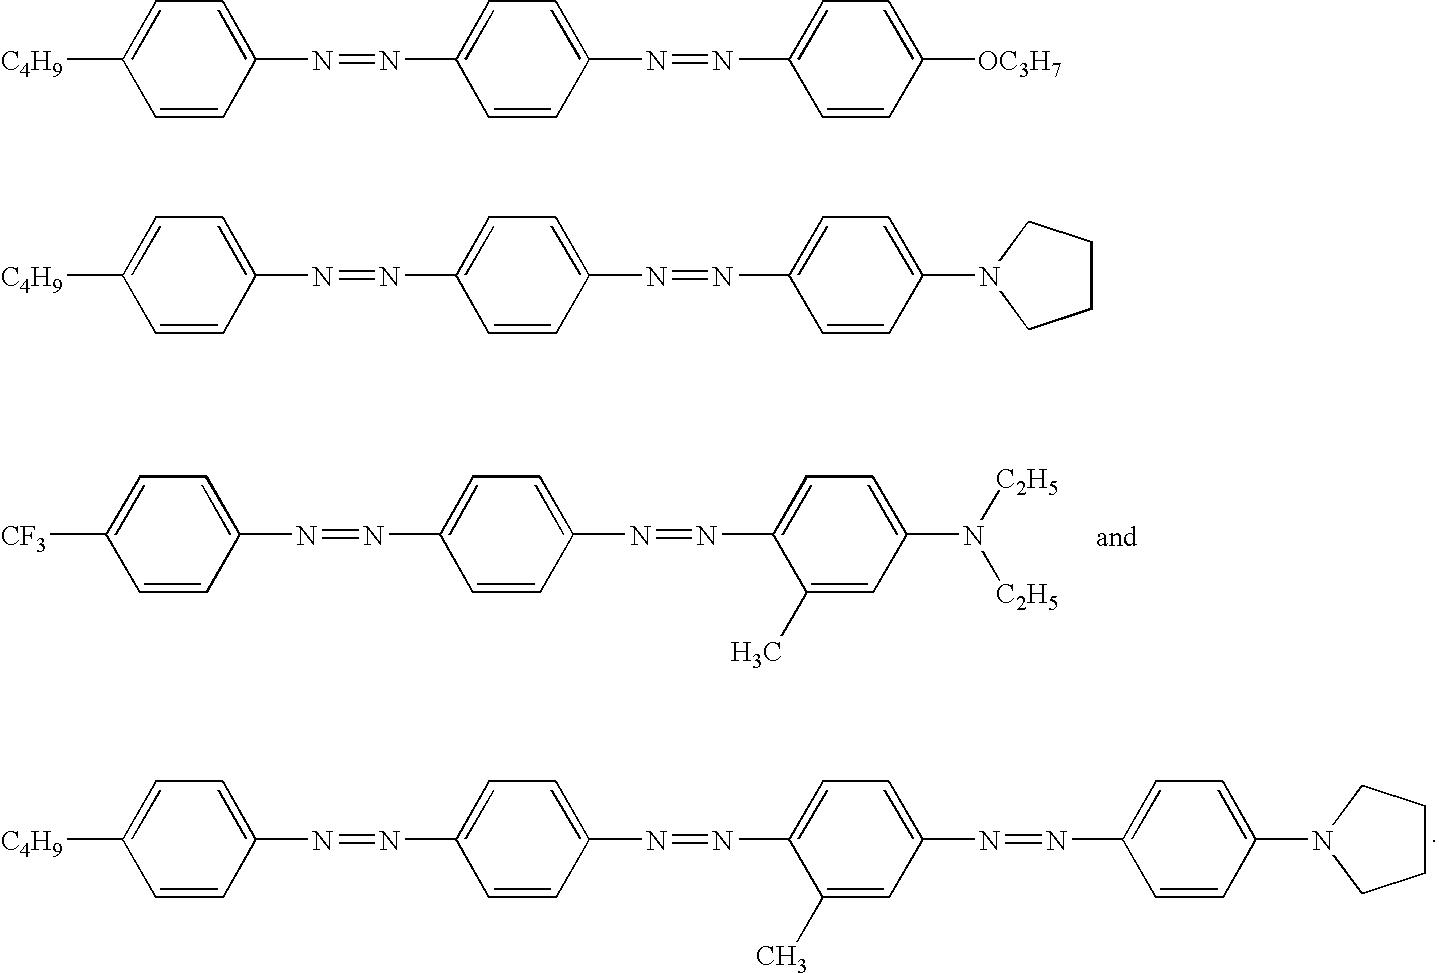 Figure US20070024970A1-20070201-C00002